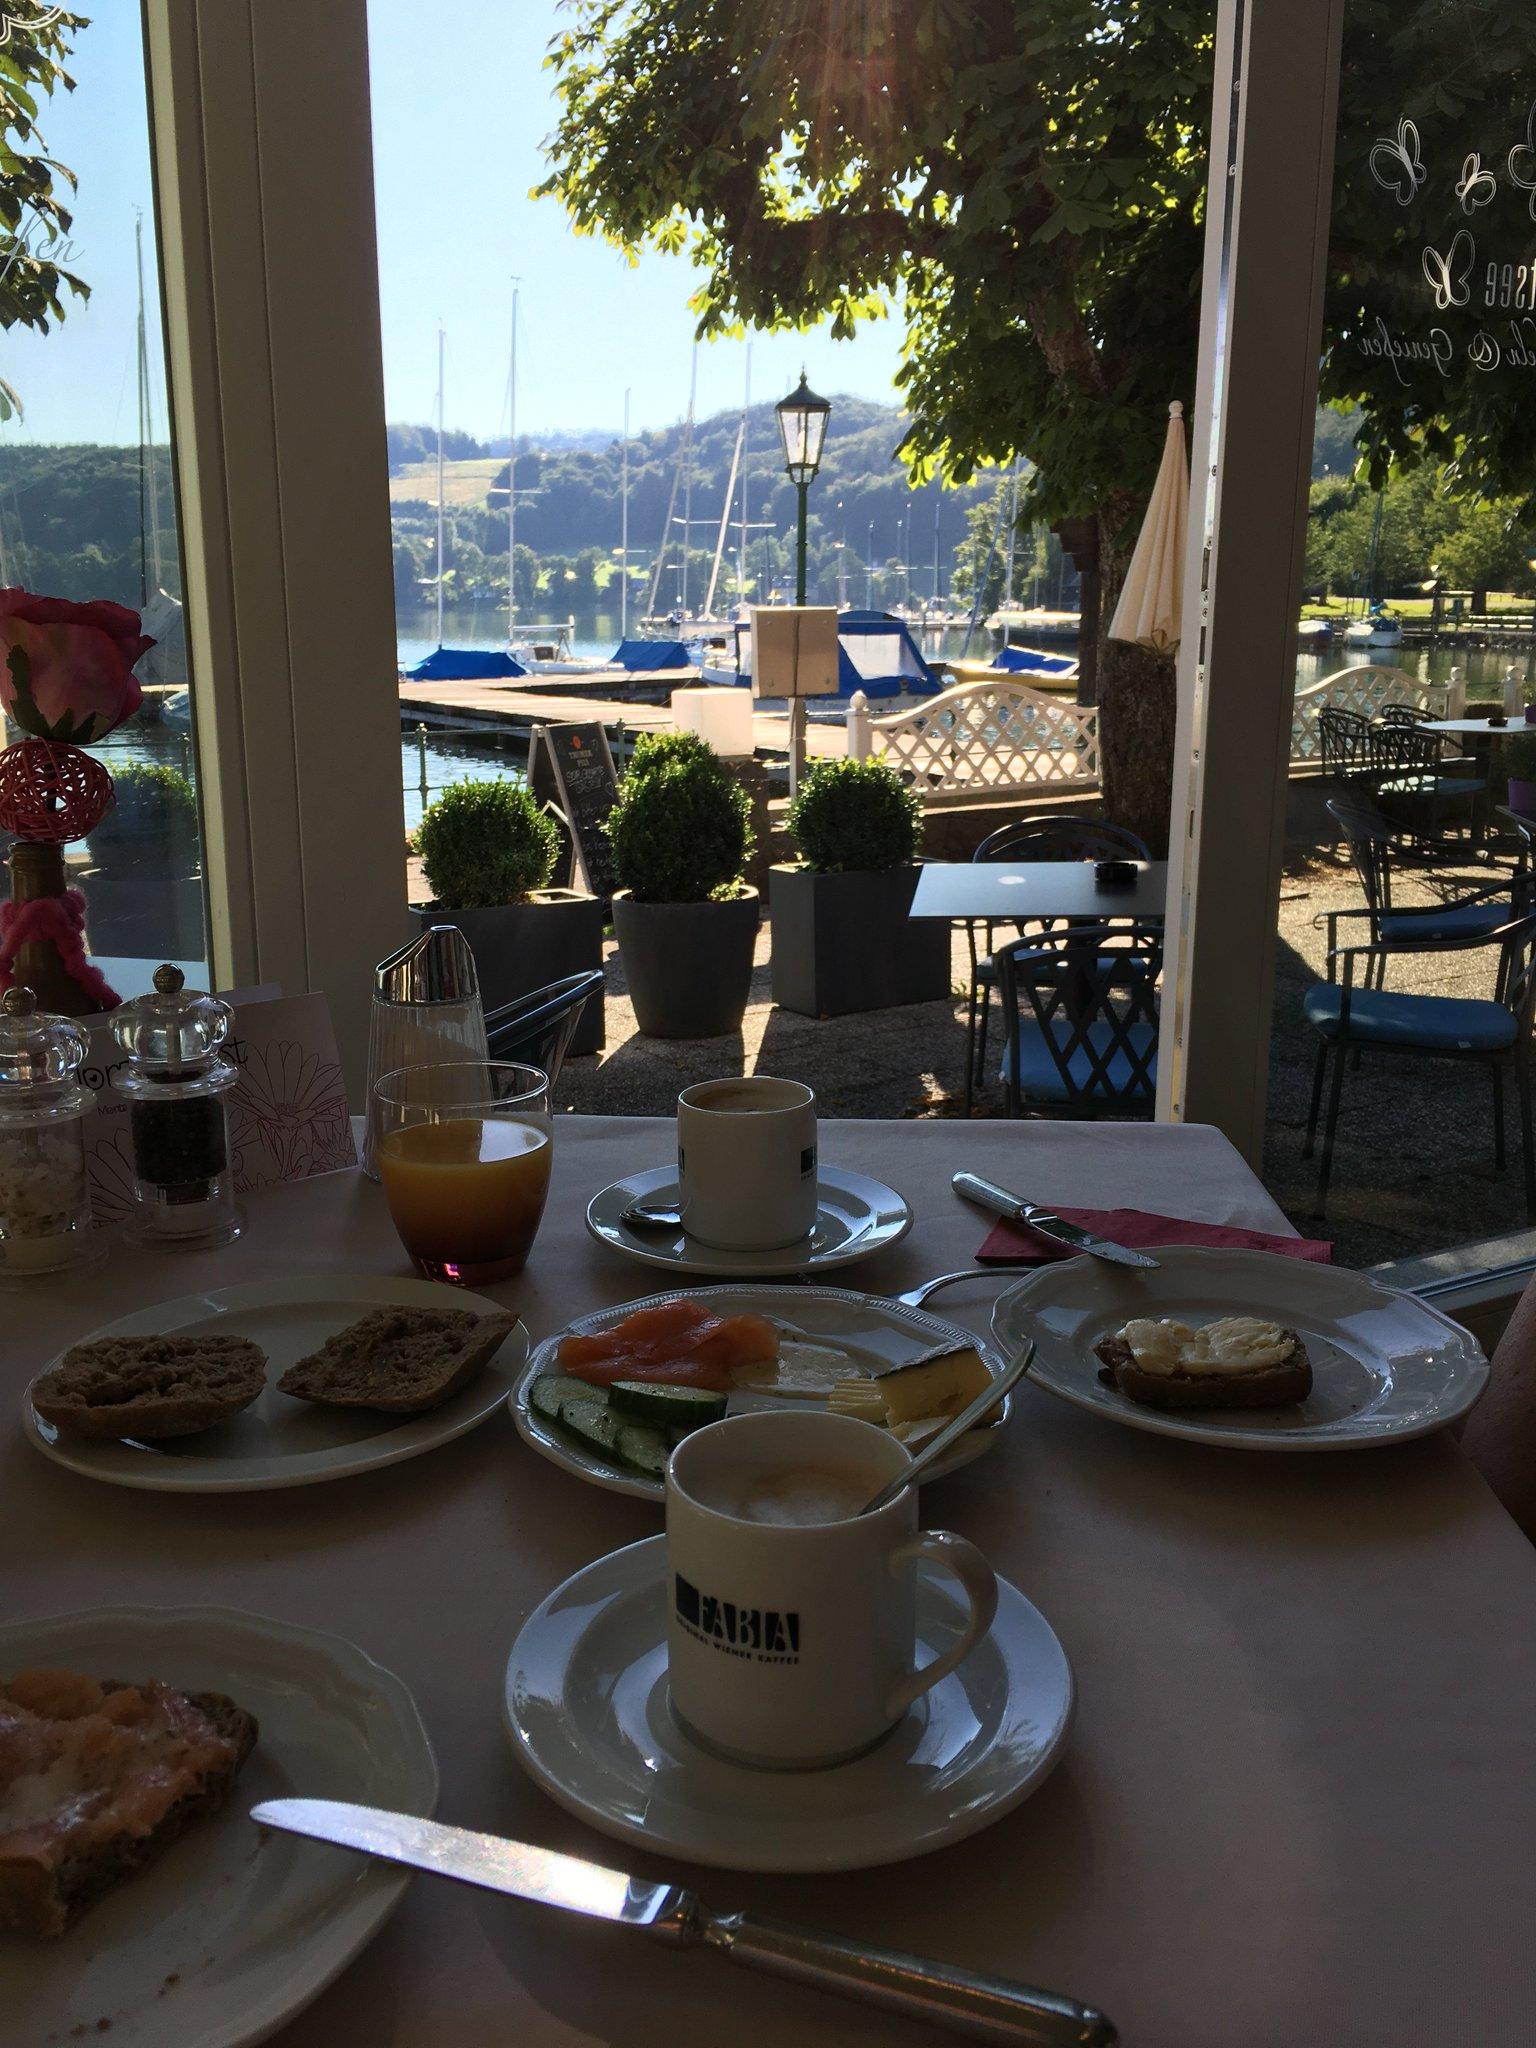 Frühstück mit Seeblick #seewirt #Mattsee #meurers https://t.co/vXPCtR3hdV